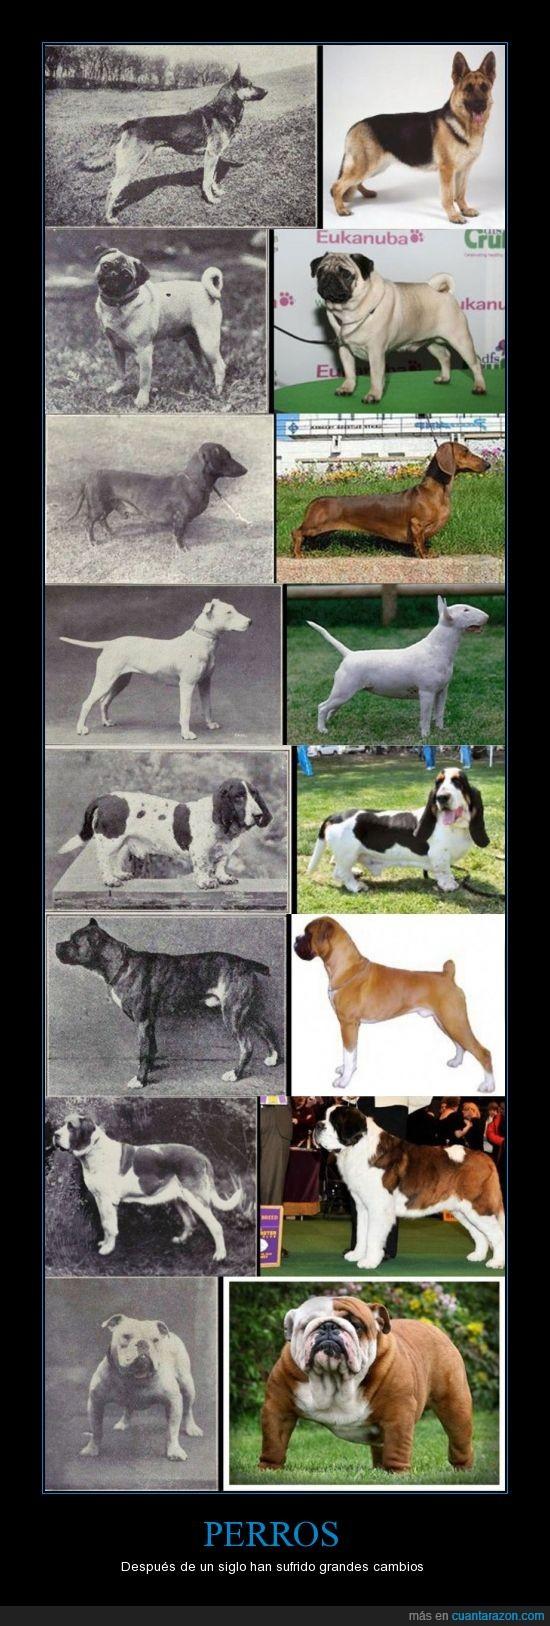 boxer,bulldog,deterioro,pastor aleman,perros,razas,san bernardo,siglo